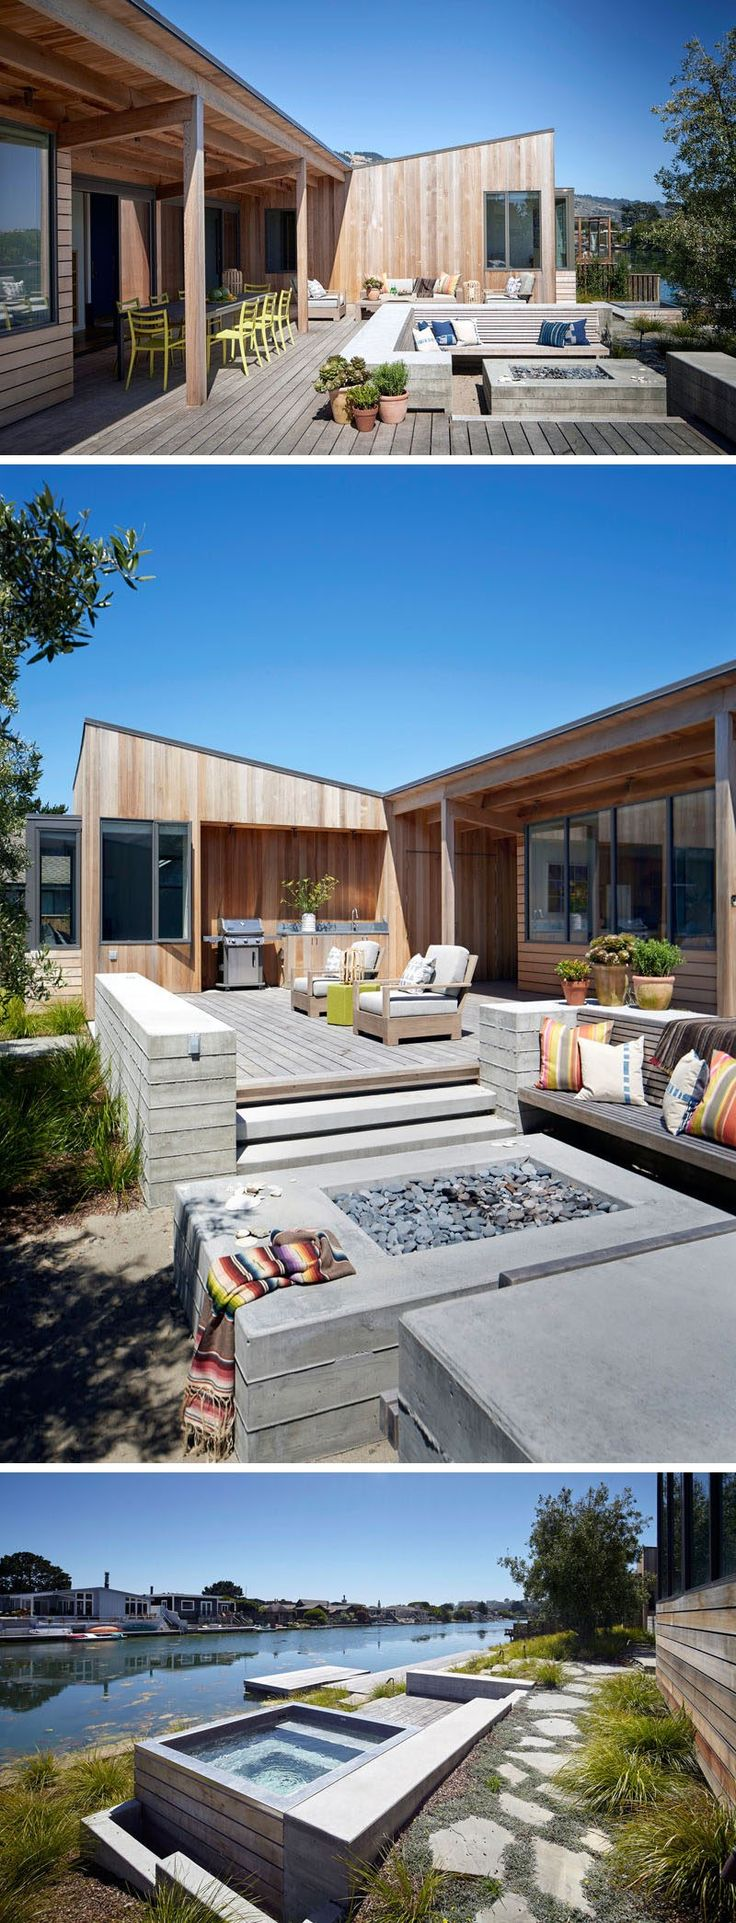 die besten 25+ grillbereich im freien ideen auf pinterest, Gartengerate ideen